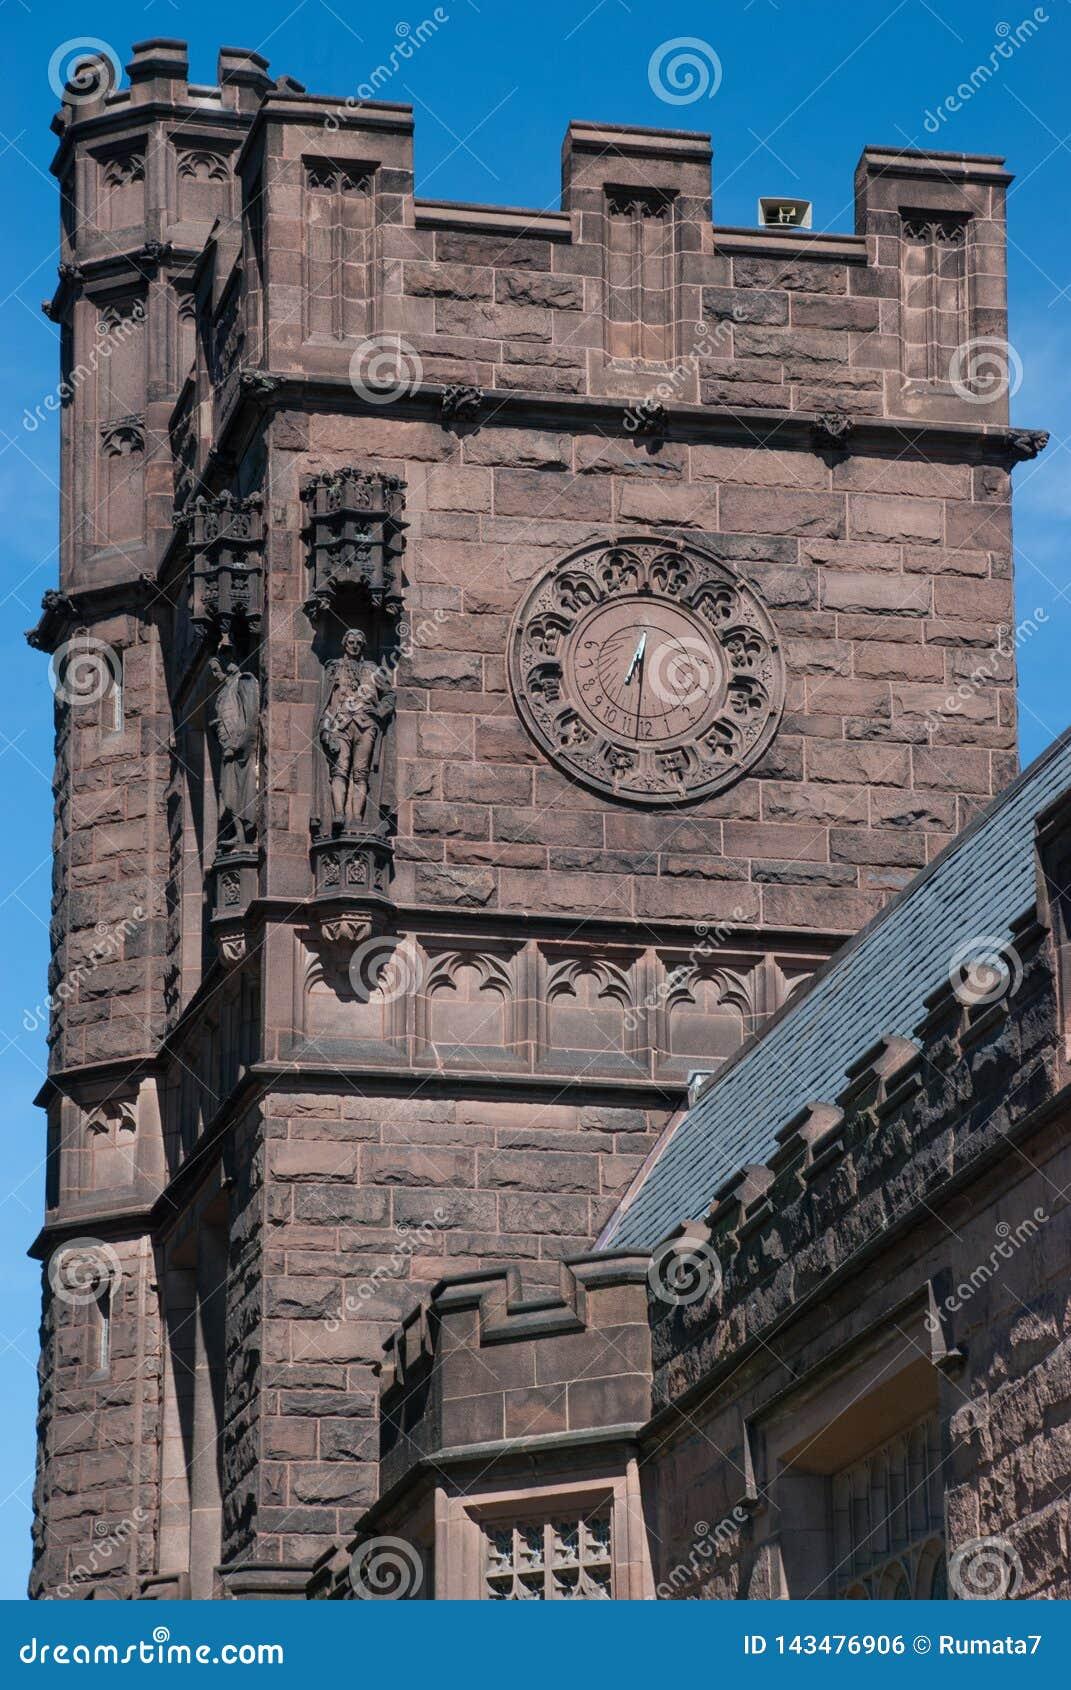 Zegar na zegarka wierza przy uniwersytet princeton